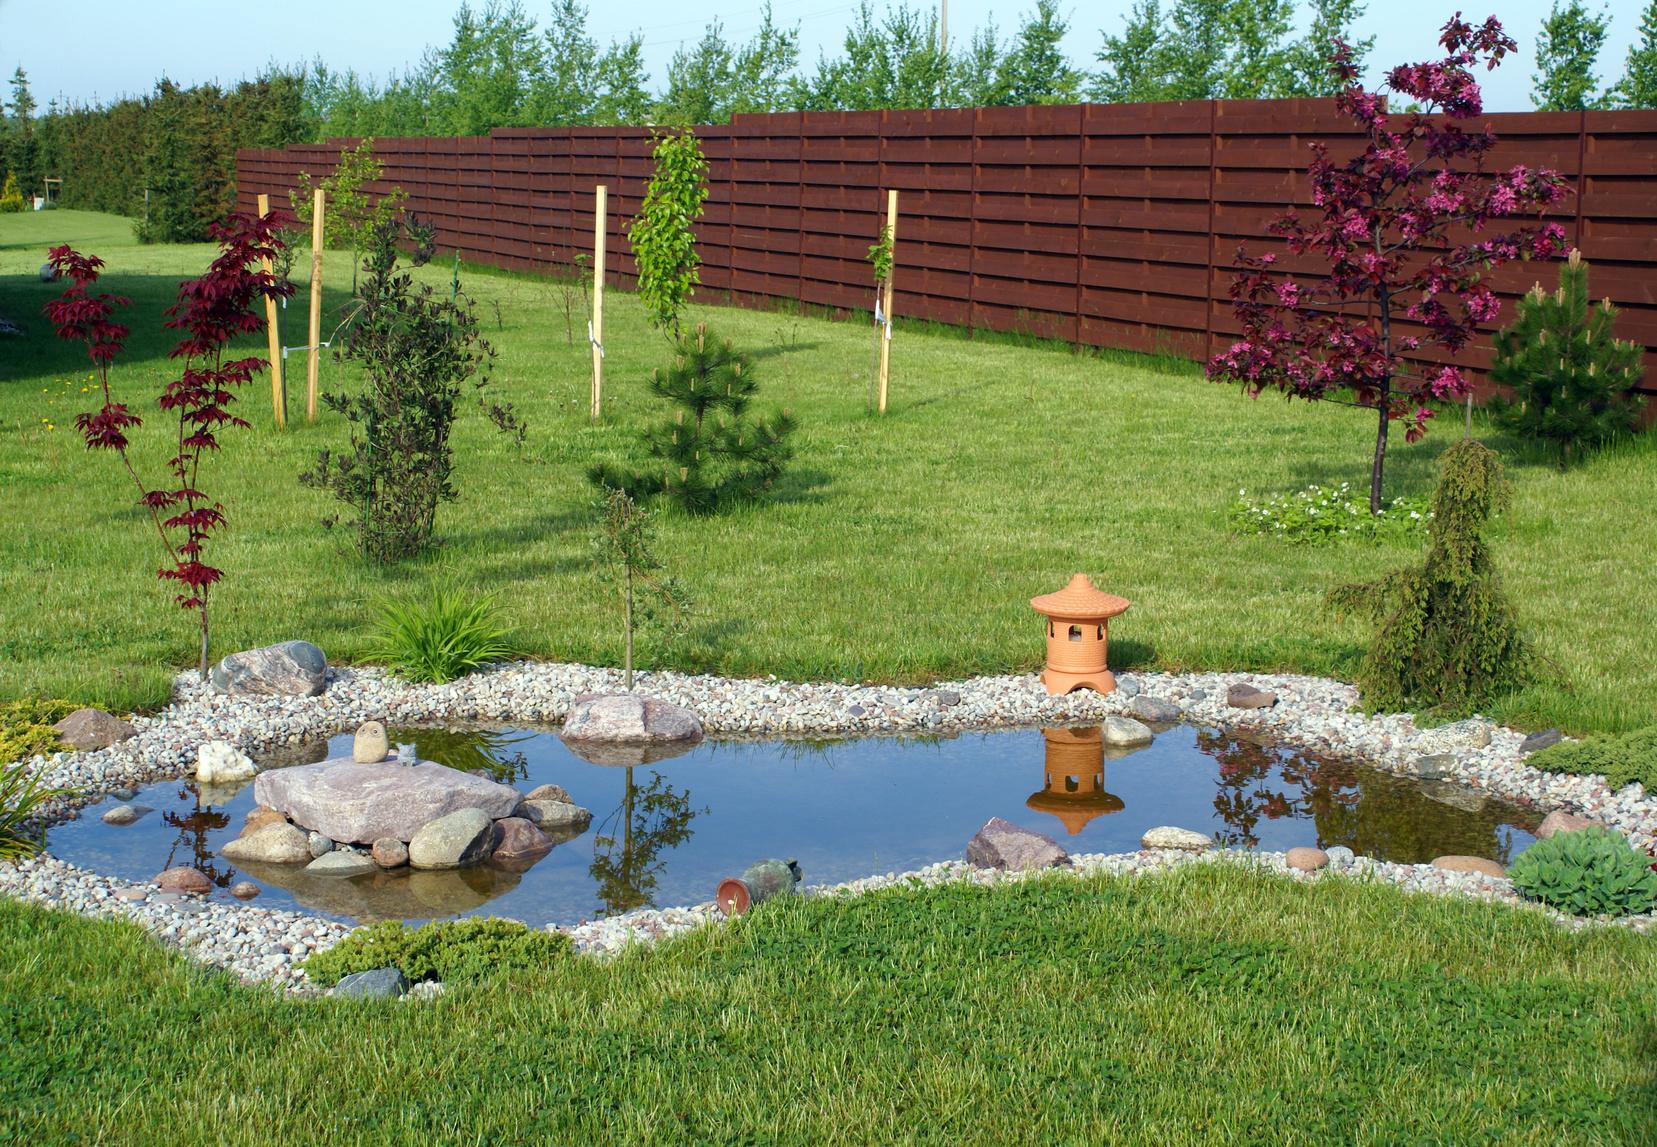 Construire Un Bassin De Jardin En 7 Étapes - Le Tuto De Mon ... destiné Petit Bassin Pour Jardin